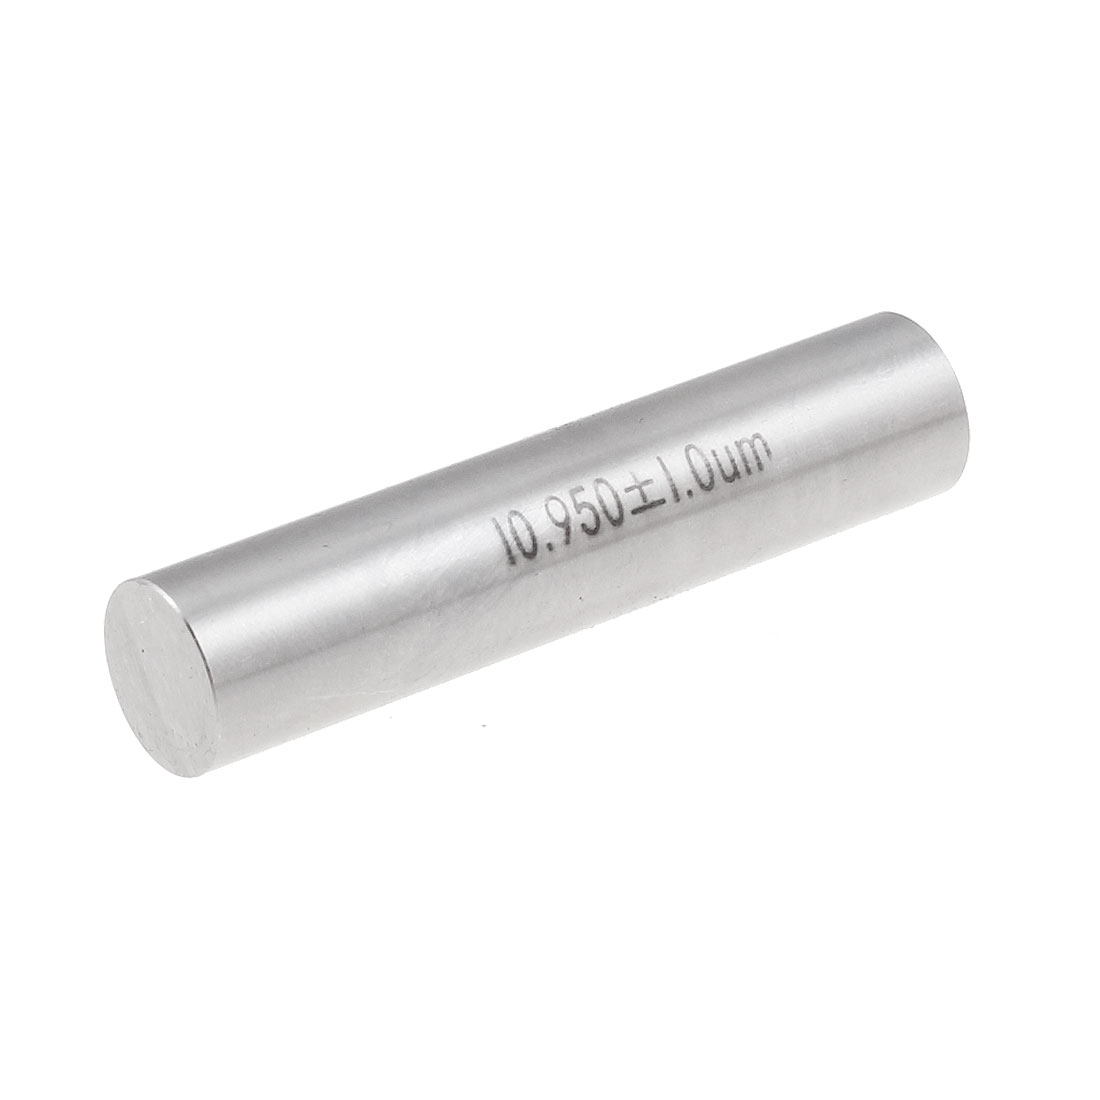 Tungsten Carbide 10.95mm Diameter Plug Pin Gage Gauge w Storage Box